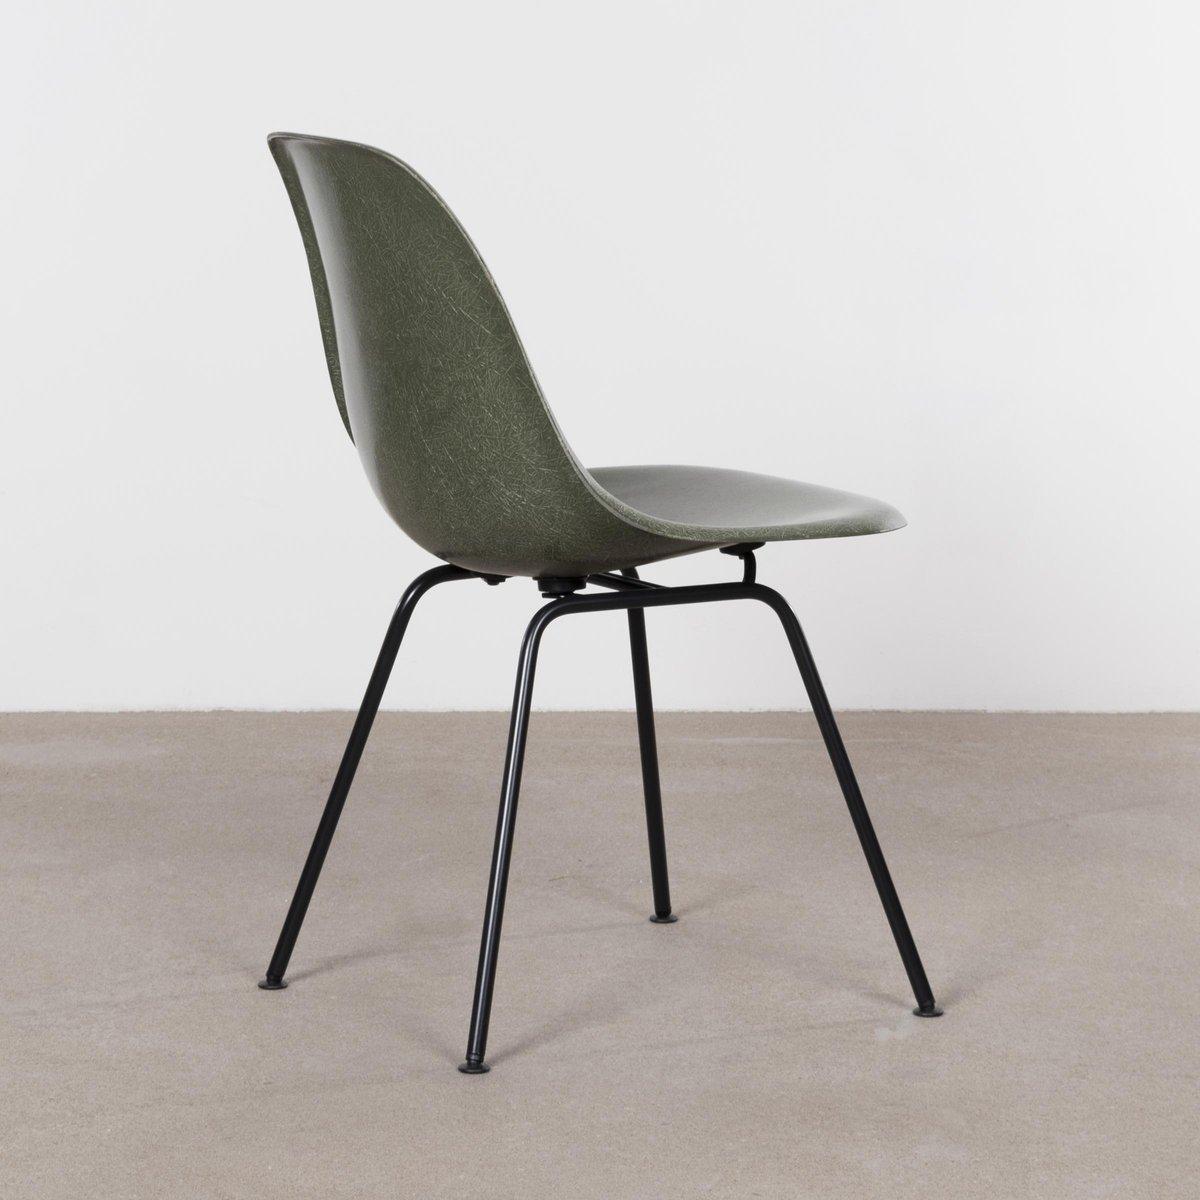 Poltrona Design Con Poggiapiedi Di Charles & Ray Eames